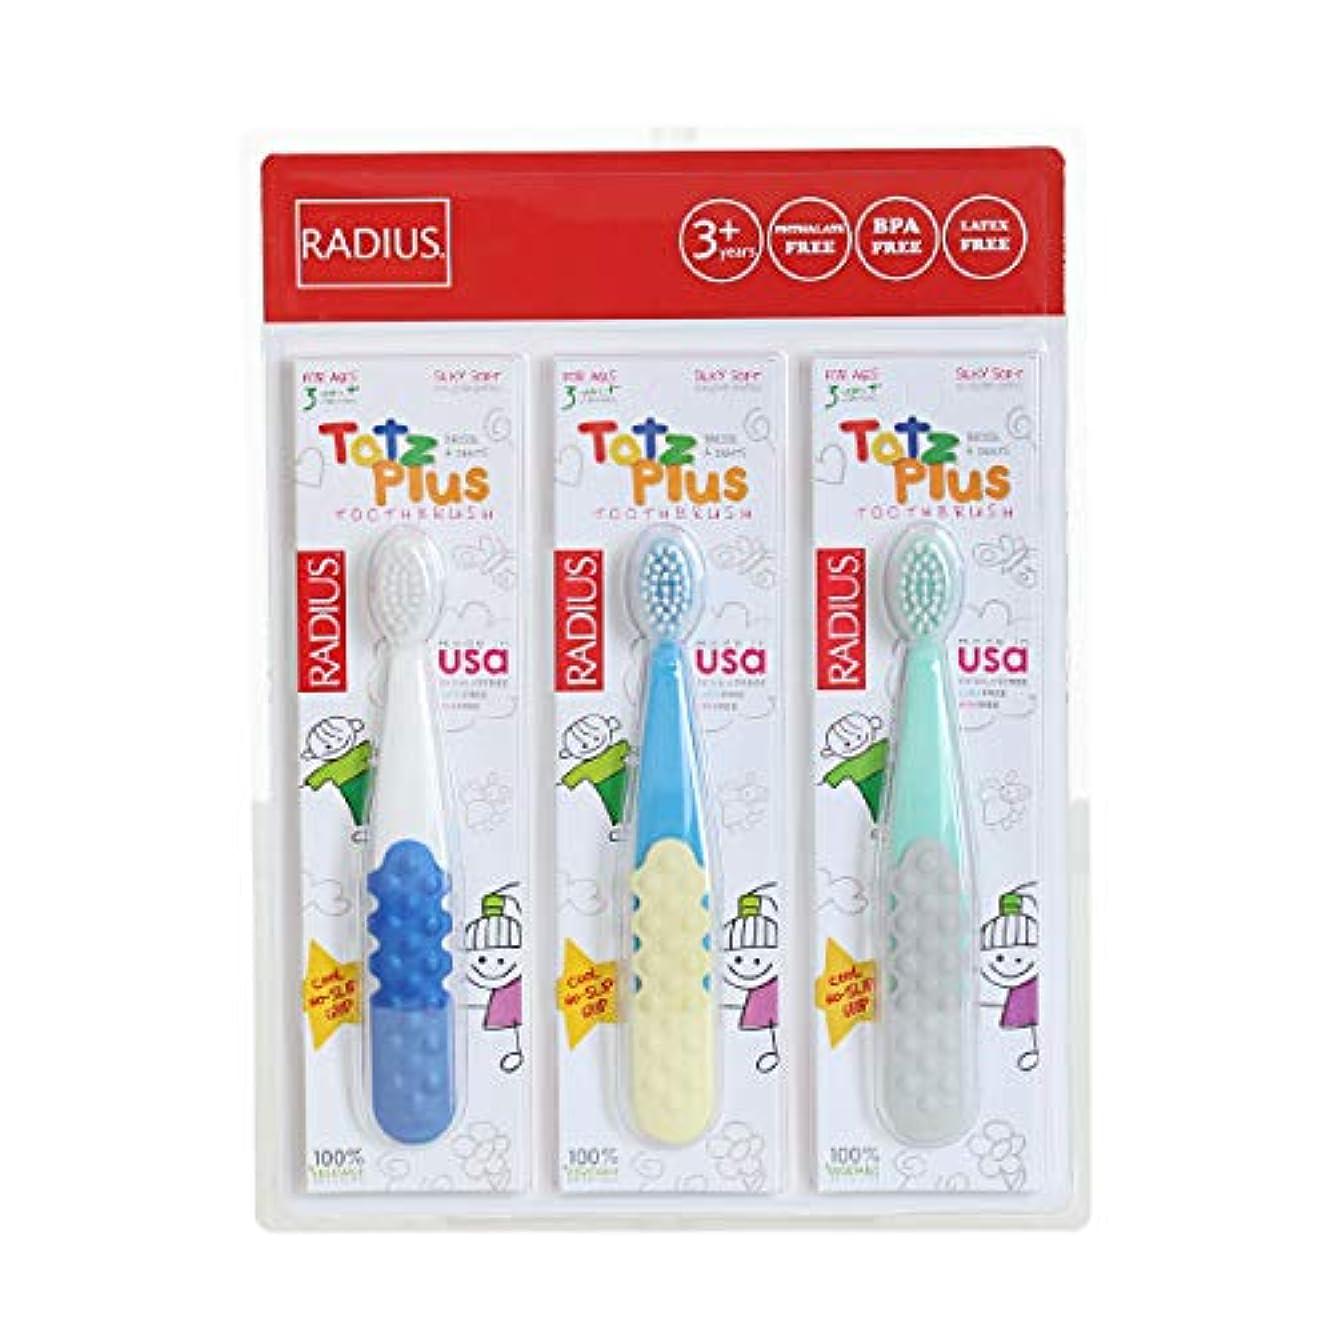 ハチウミウシ自由ラディウス Totz Plus Toothbrush 歯ブラシ, 3年+ シルキーソフト, 100% 野菜剛毛 3パック [並行輸入品]